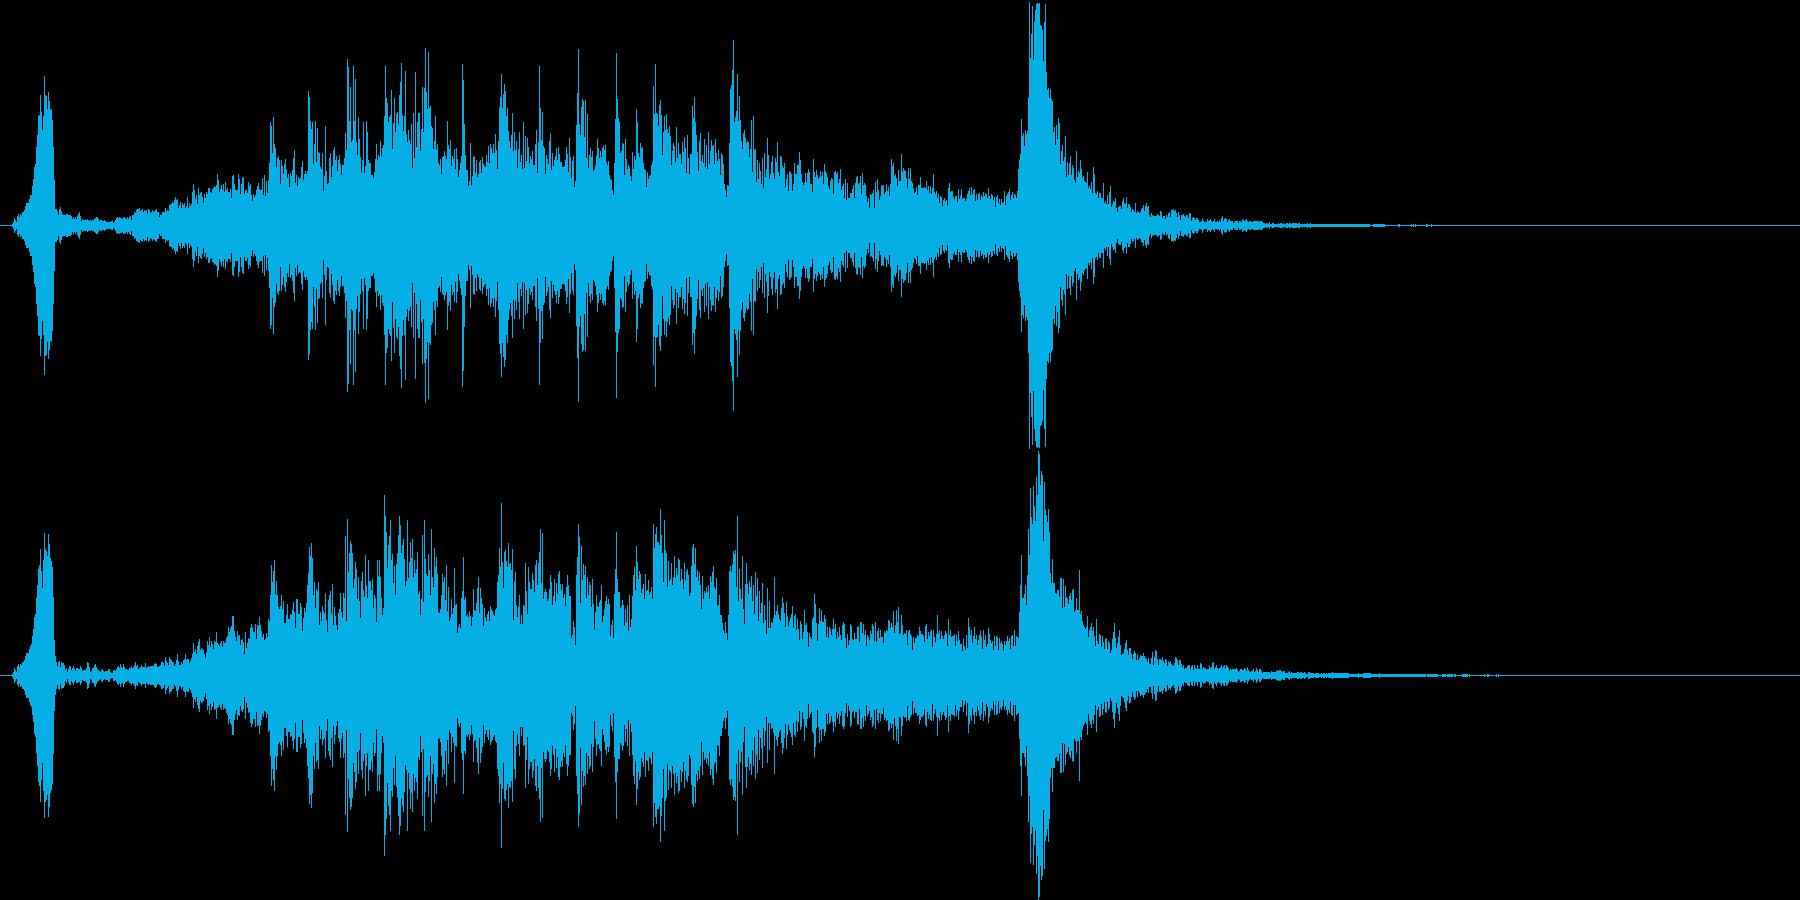 勢いのある和風サウンドロゴの再生済みの波形